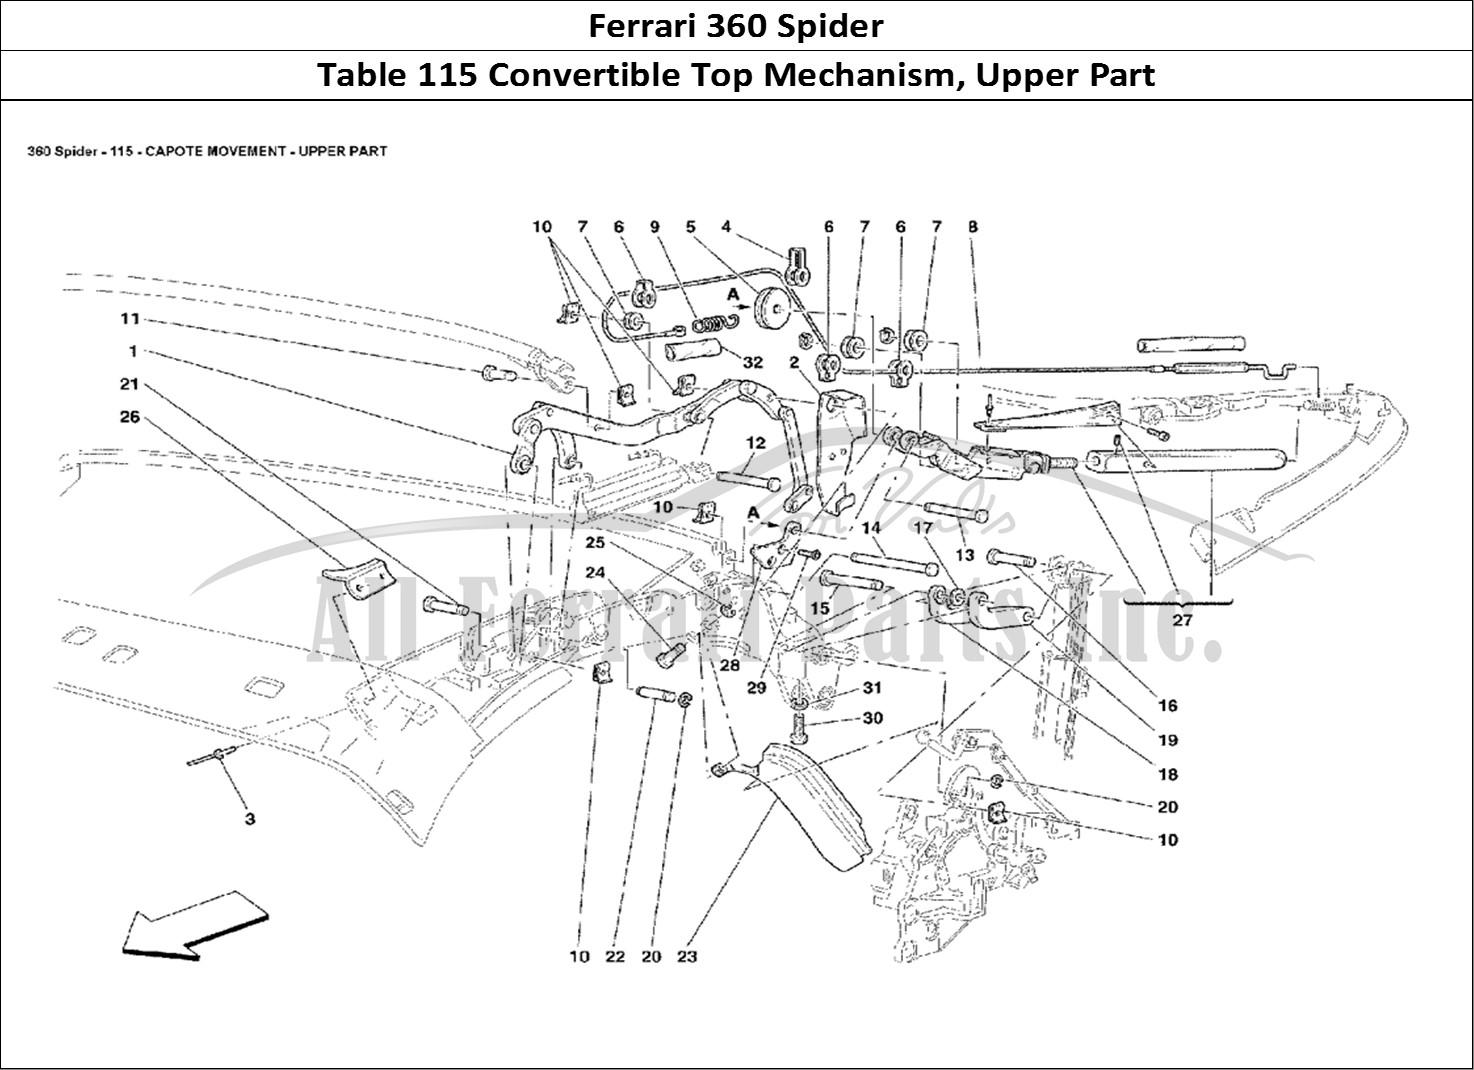 buy original ferrari 360 spider 115 convertible top mechanism  upper part ferrari parts  spares